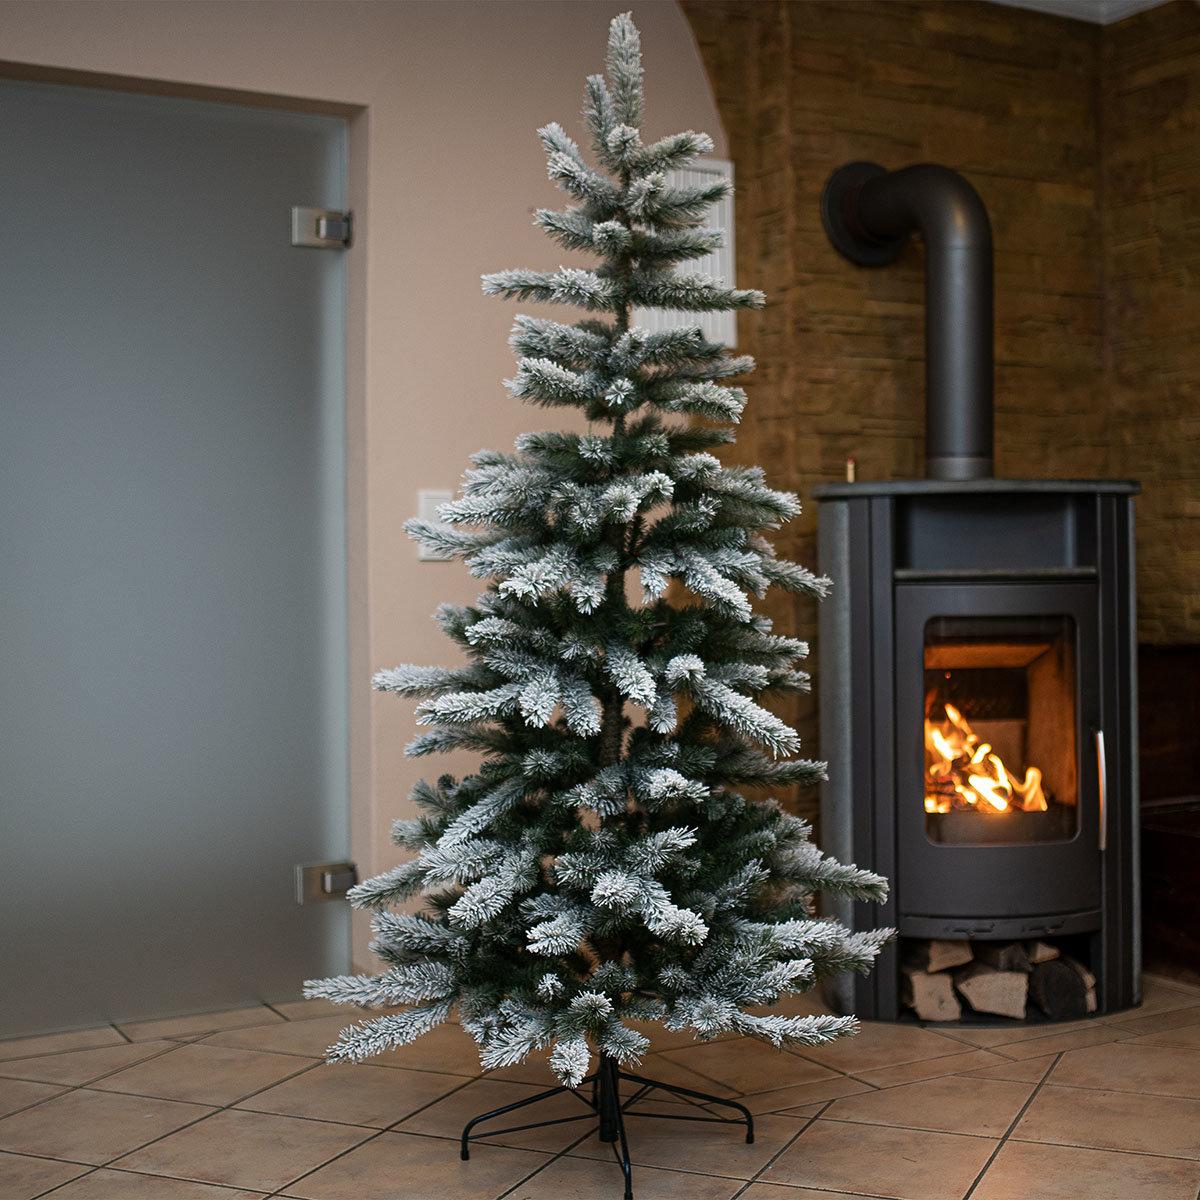 Künstlicher Weihnachtsbaum Kiefer mit Schneeoptik, 210 cm